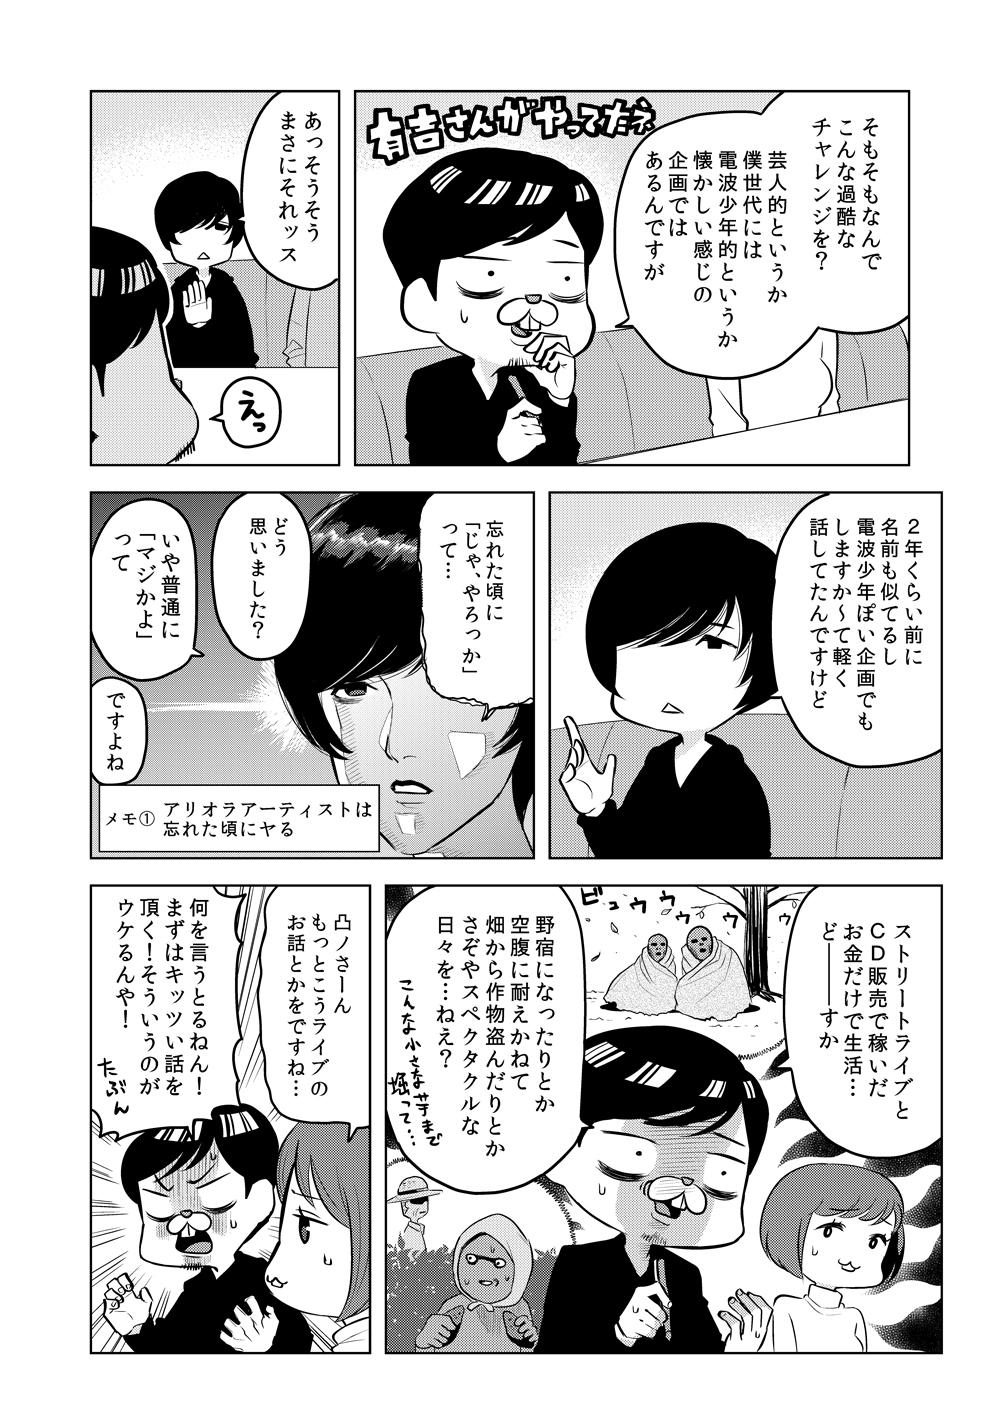 denpa-girl-manga-04